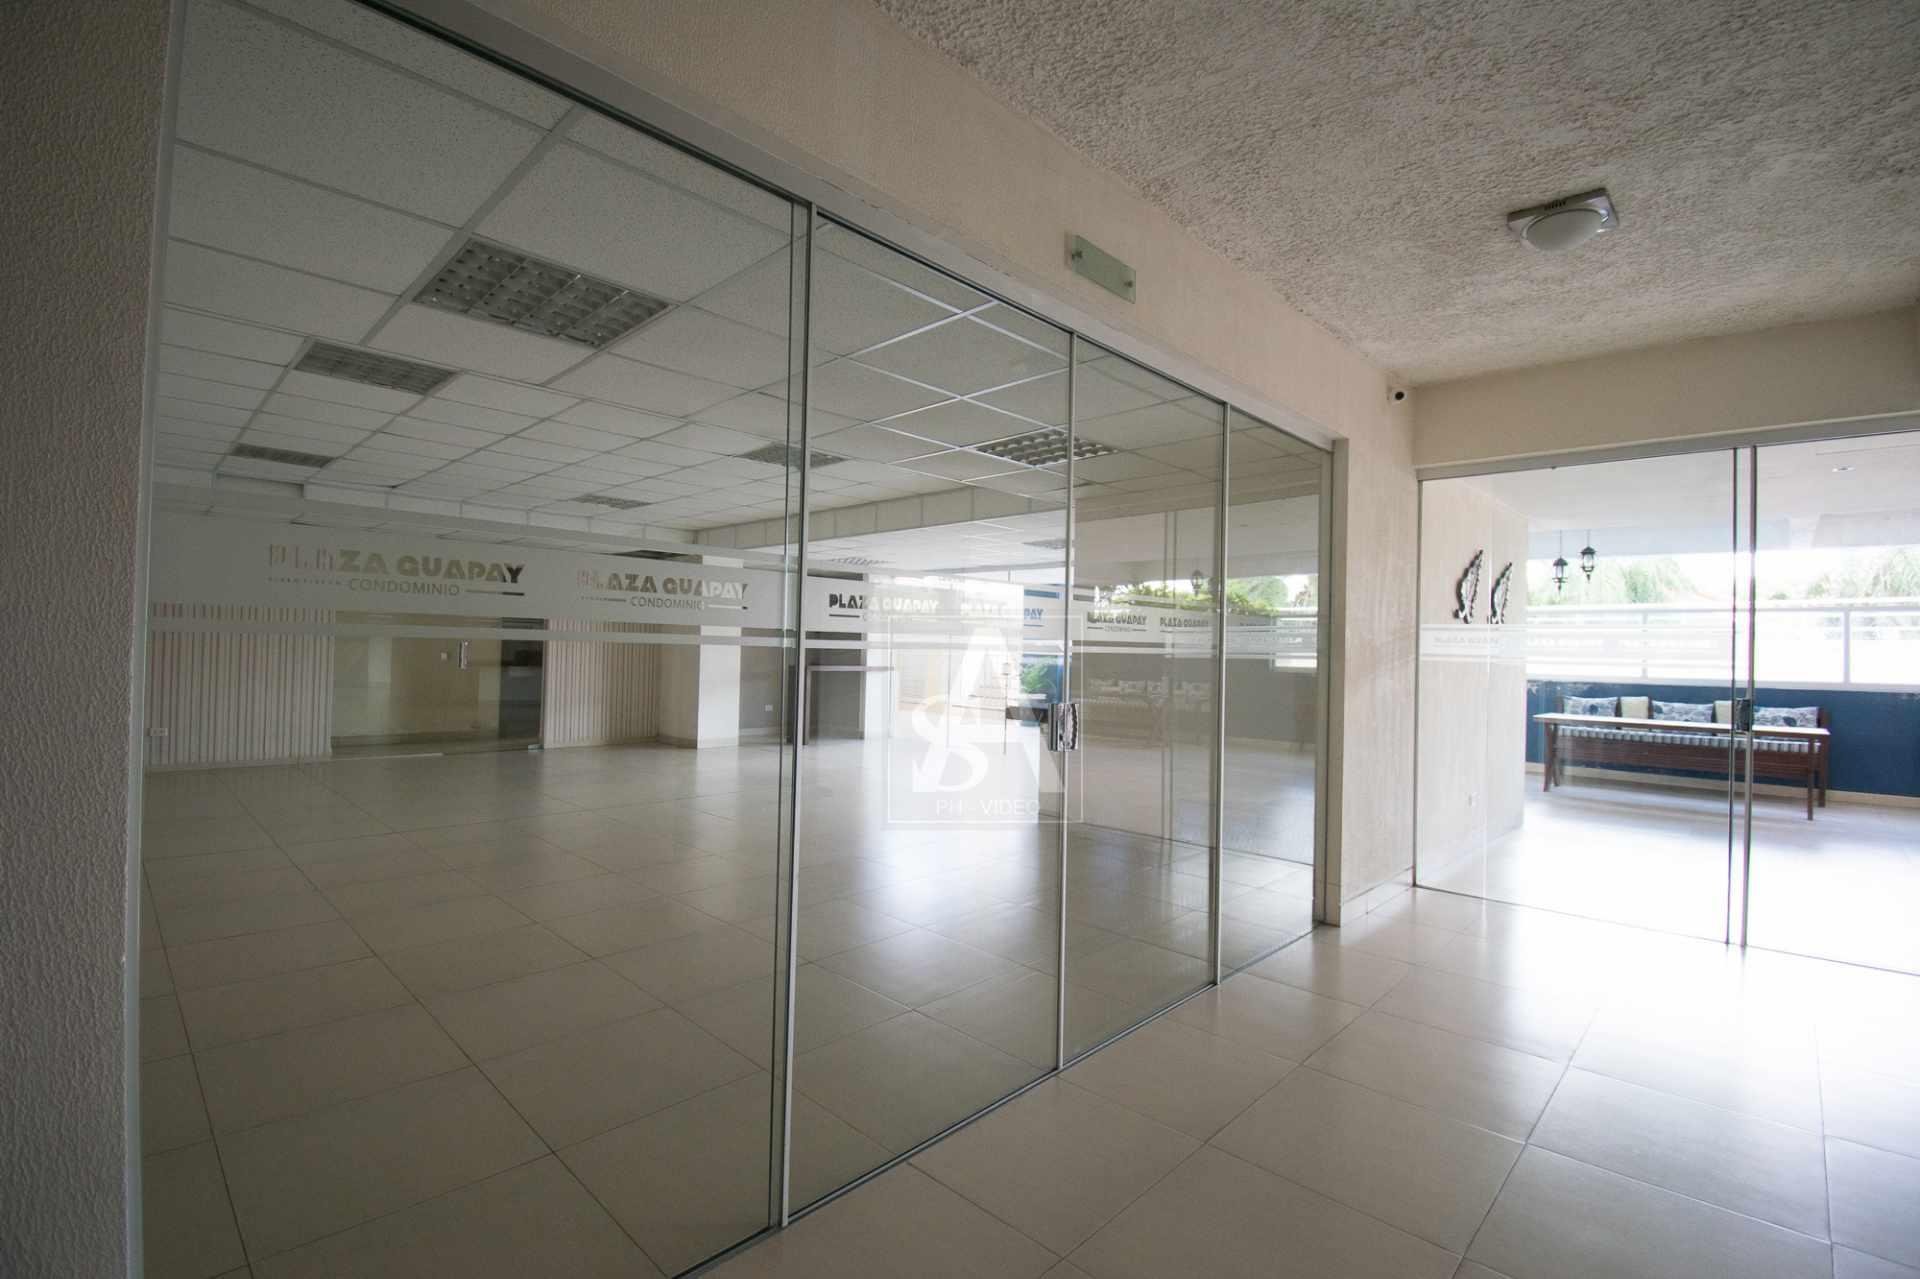 Departamento en Venta AVENIDA GUAPAY 2260 Foto 11